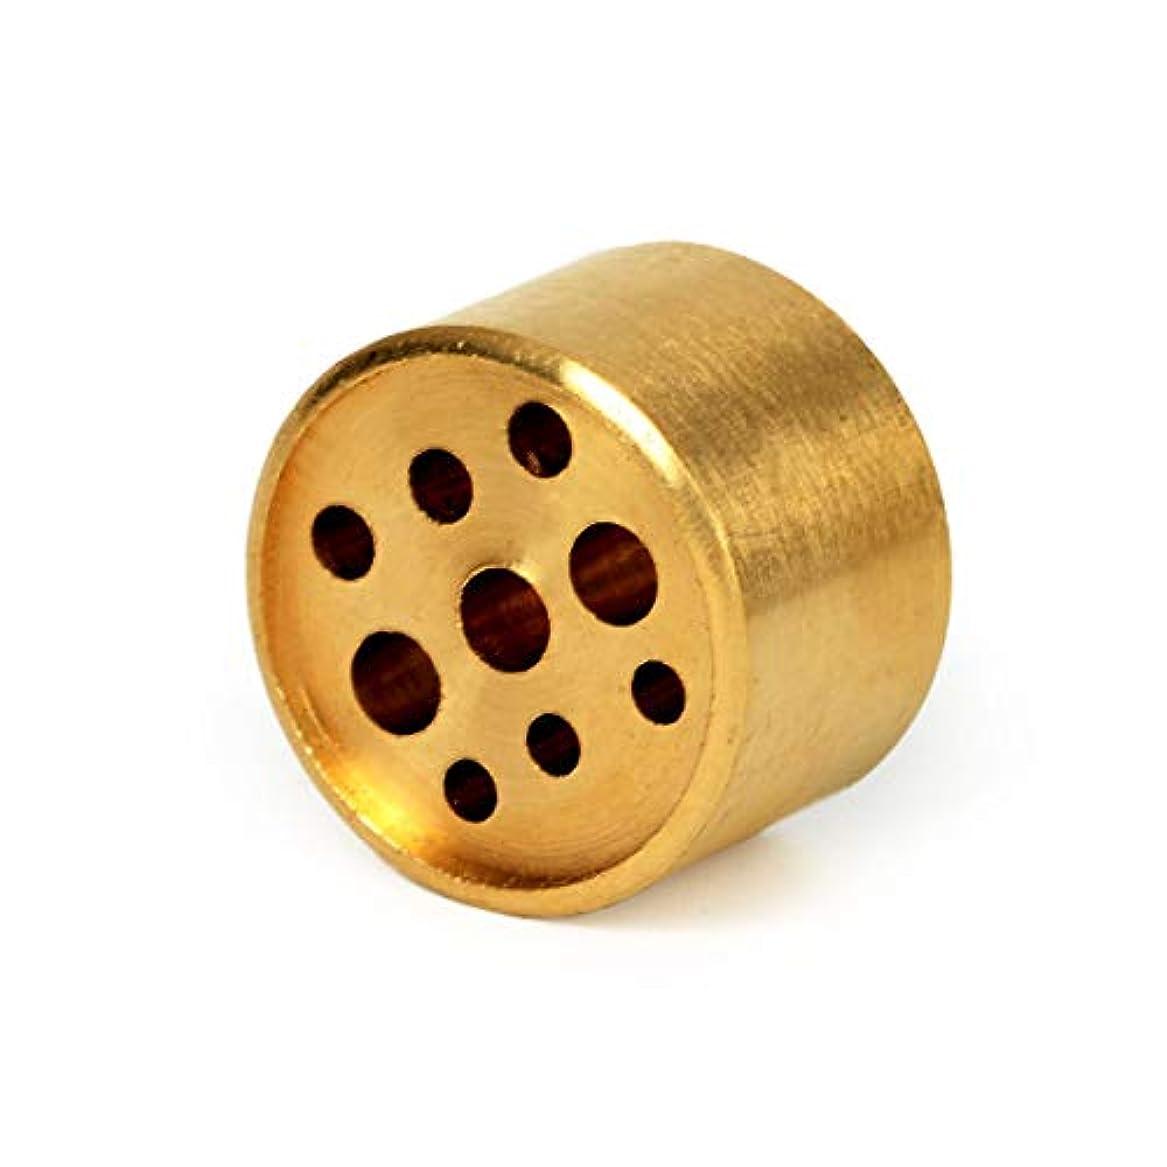 疲労予測ハントAFZSHG 純銅 9穴 小さなお香スティックホルダー 色あせなし 1.2オンス (34g)